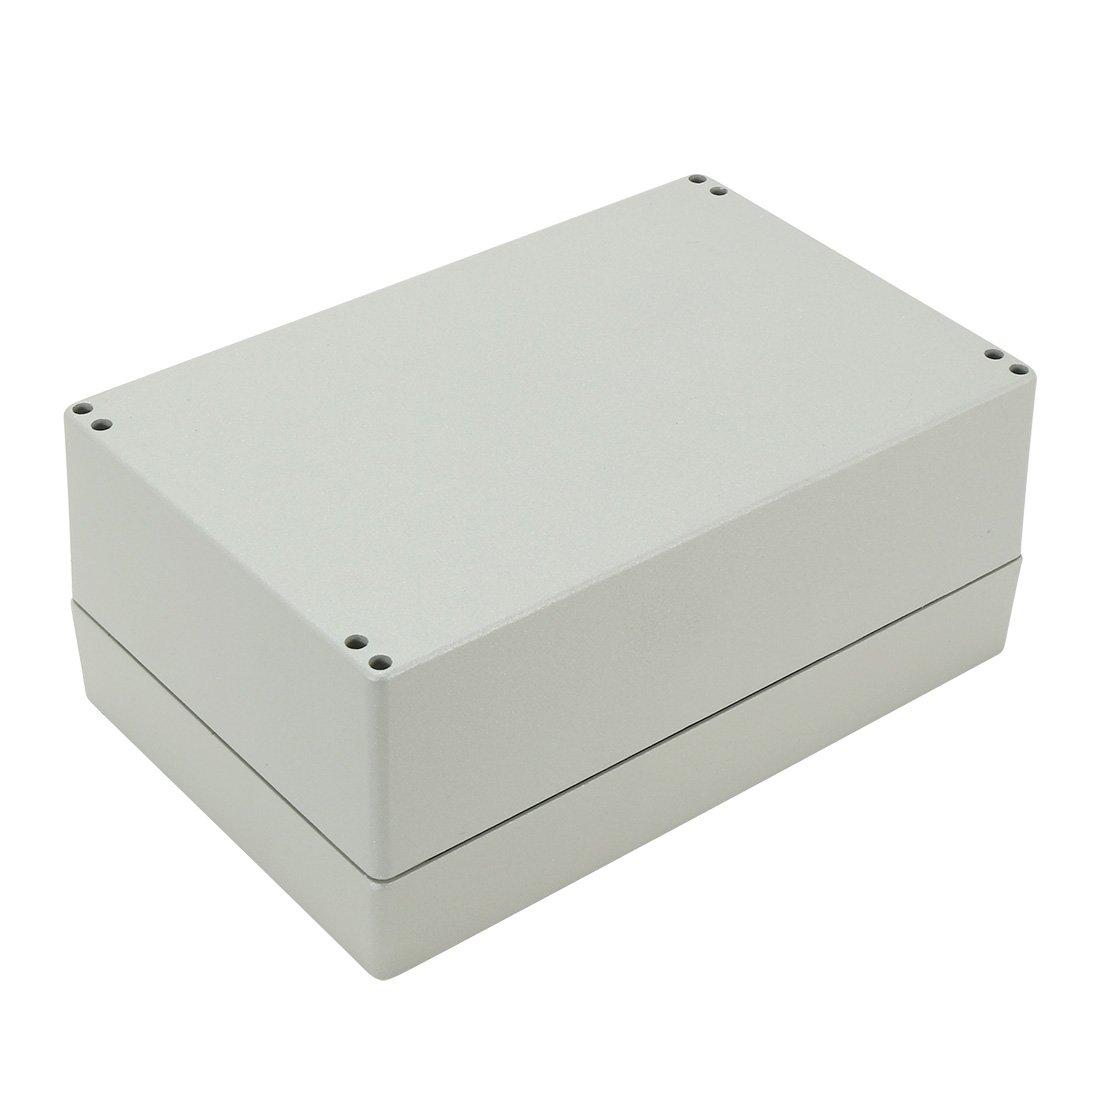 Aexit Caja de conexiones de aluminio de 7.9 x5.1 x3.5 ...